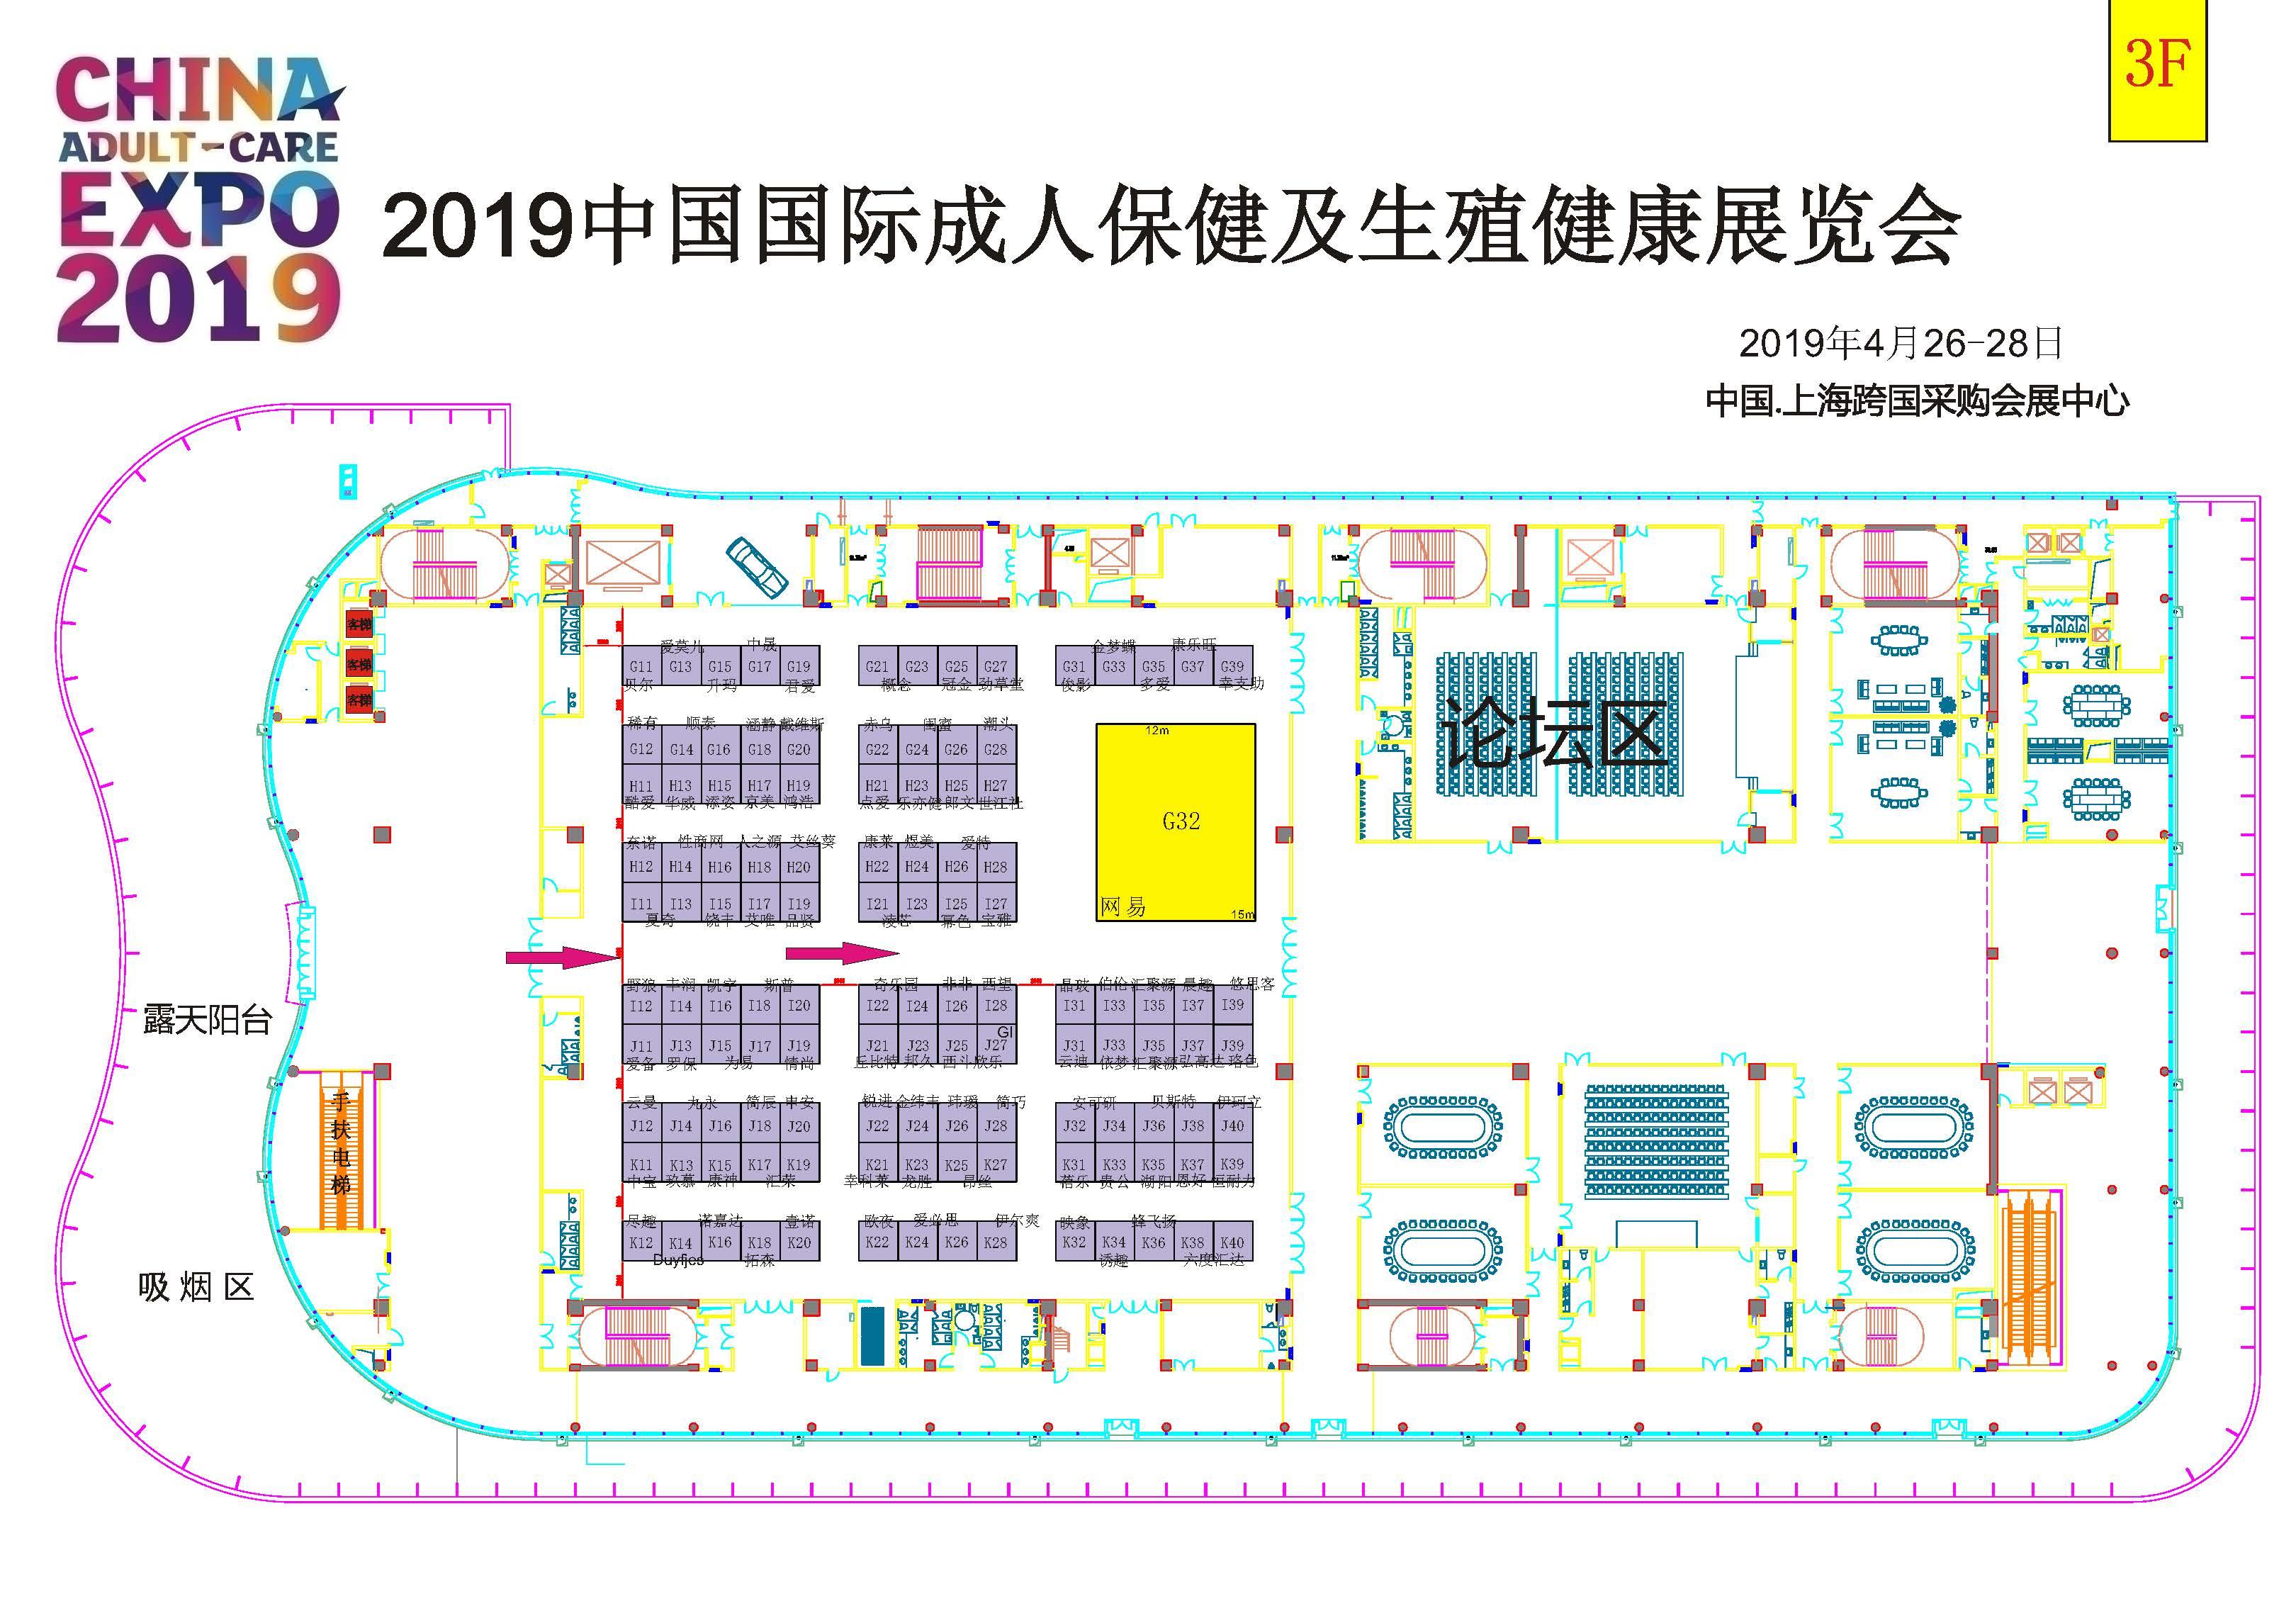 2019上海成人展展位示意图公布